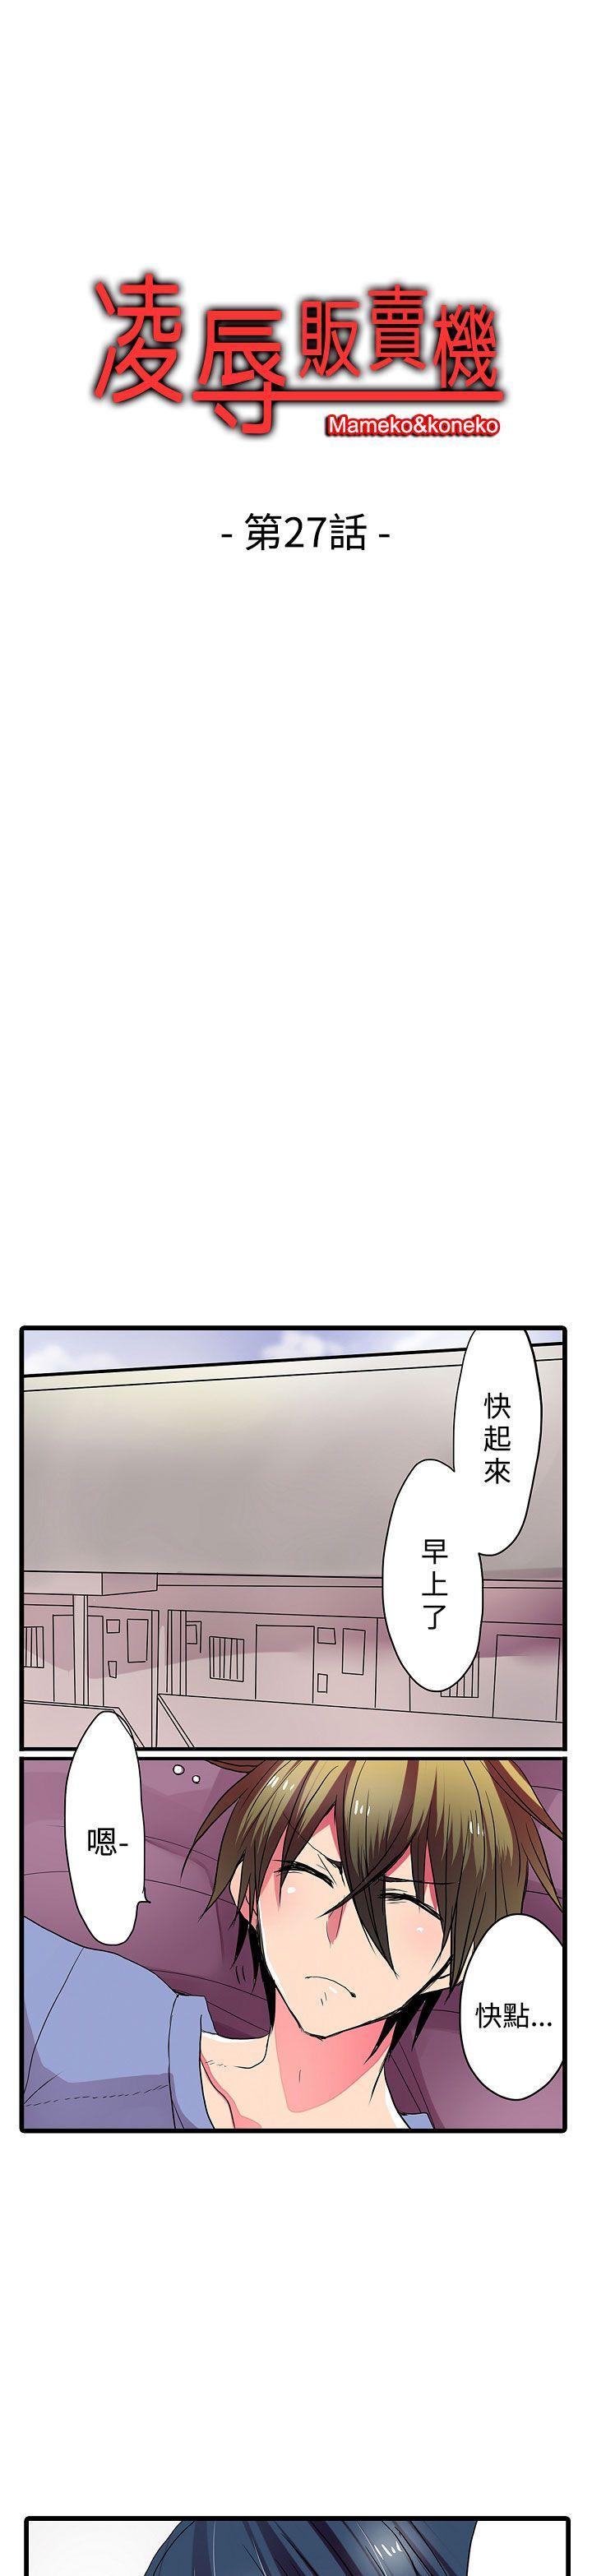 凌辱贩卖机-第27话全彩韩漫标签